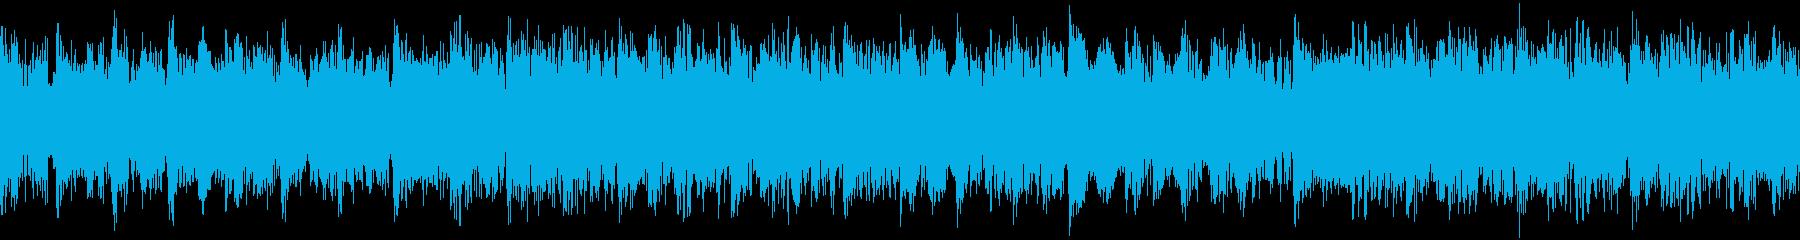 オーケストラの弦、電子ベース、ドラ...の再生済みの波形